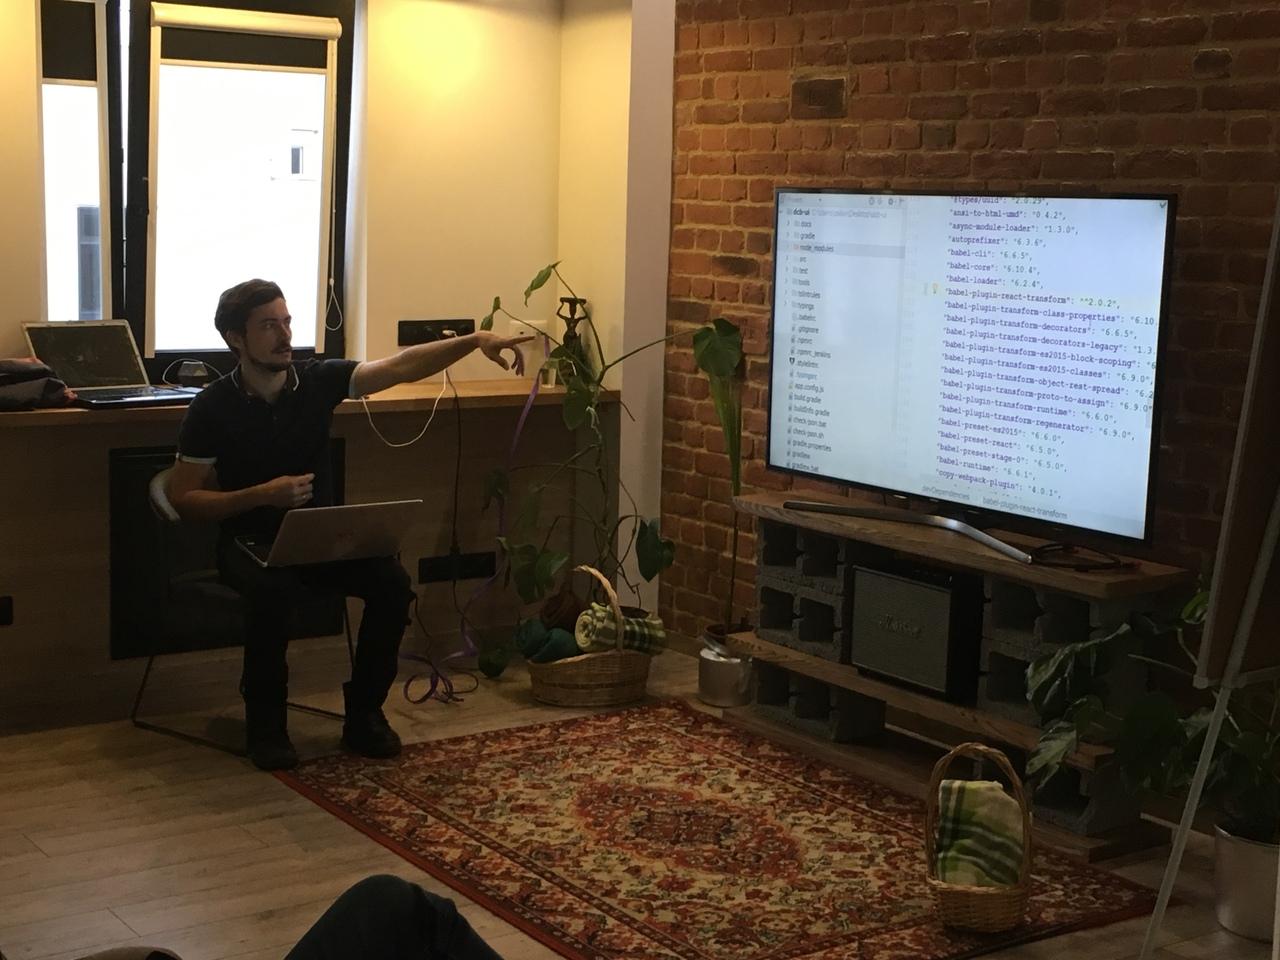 Выступление Александра Черникова из Сбербанк бизнес онлайн в рамках проекта «ФИТ.Университет»